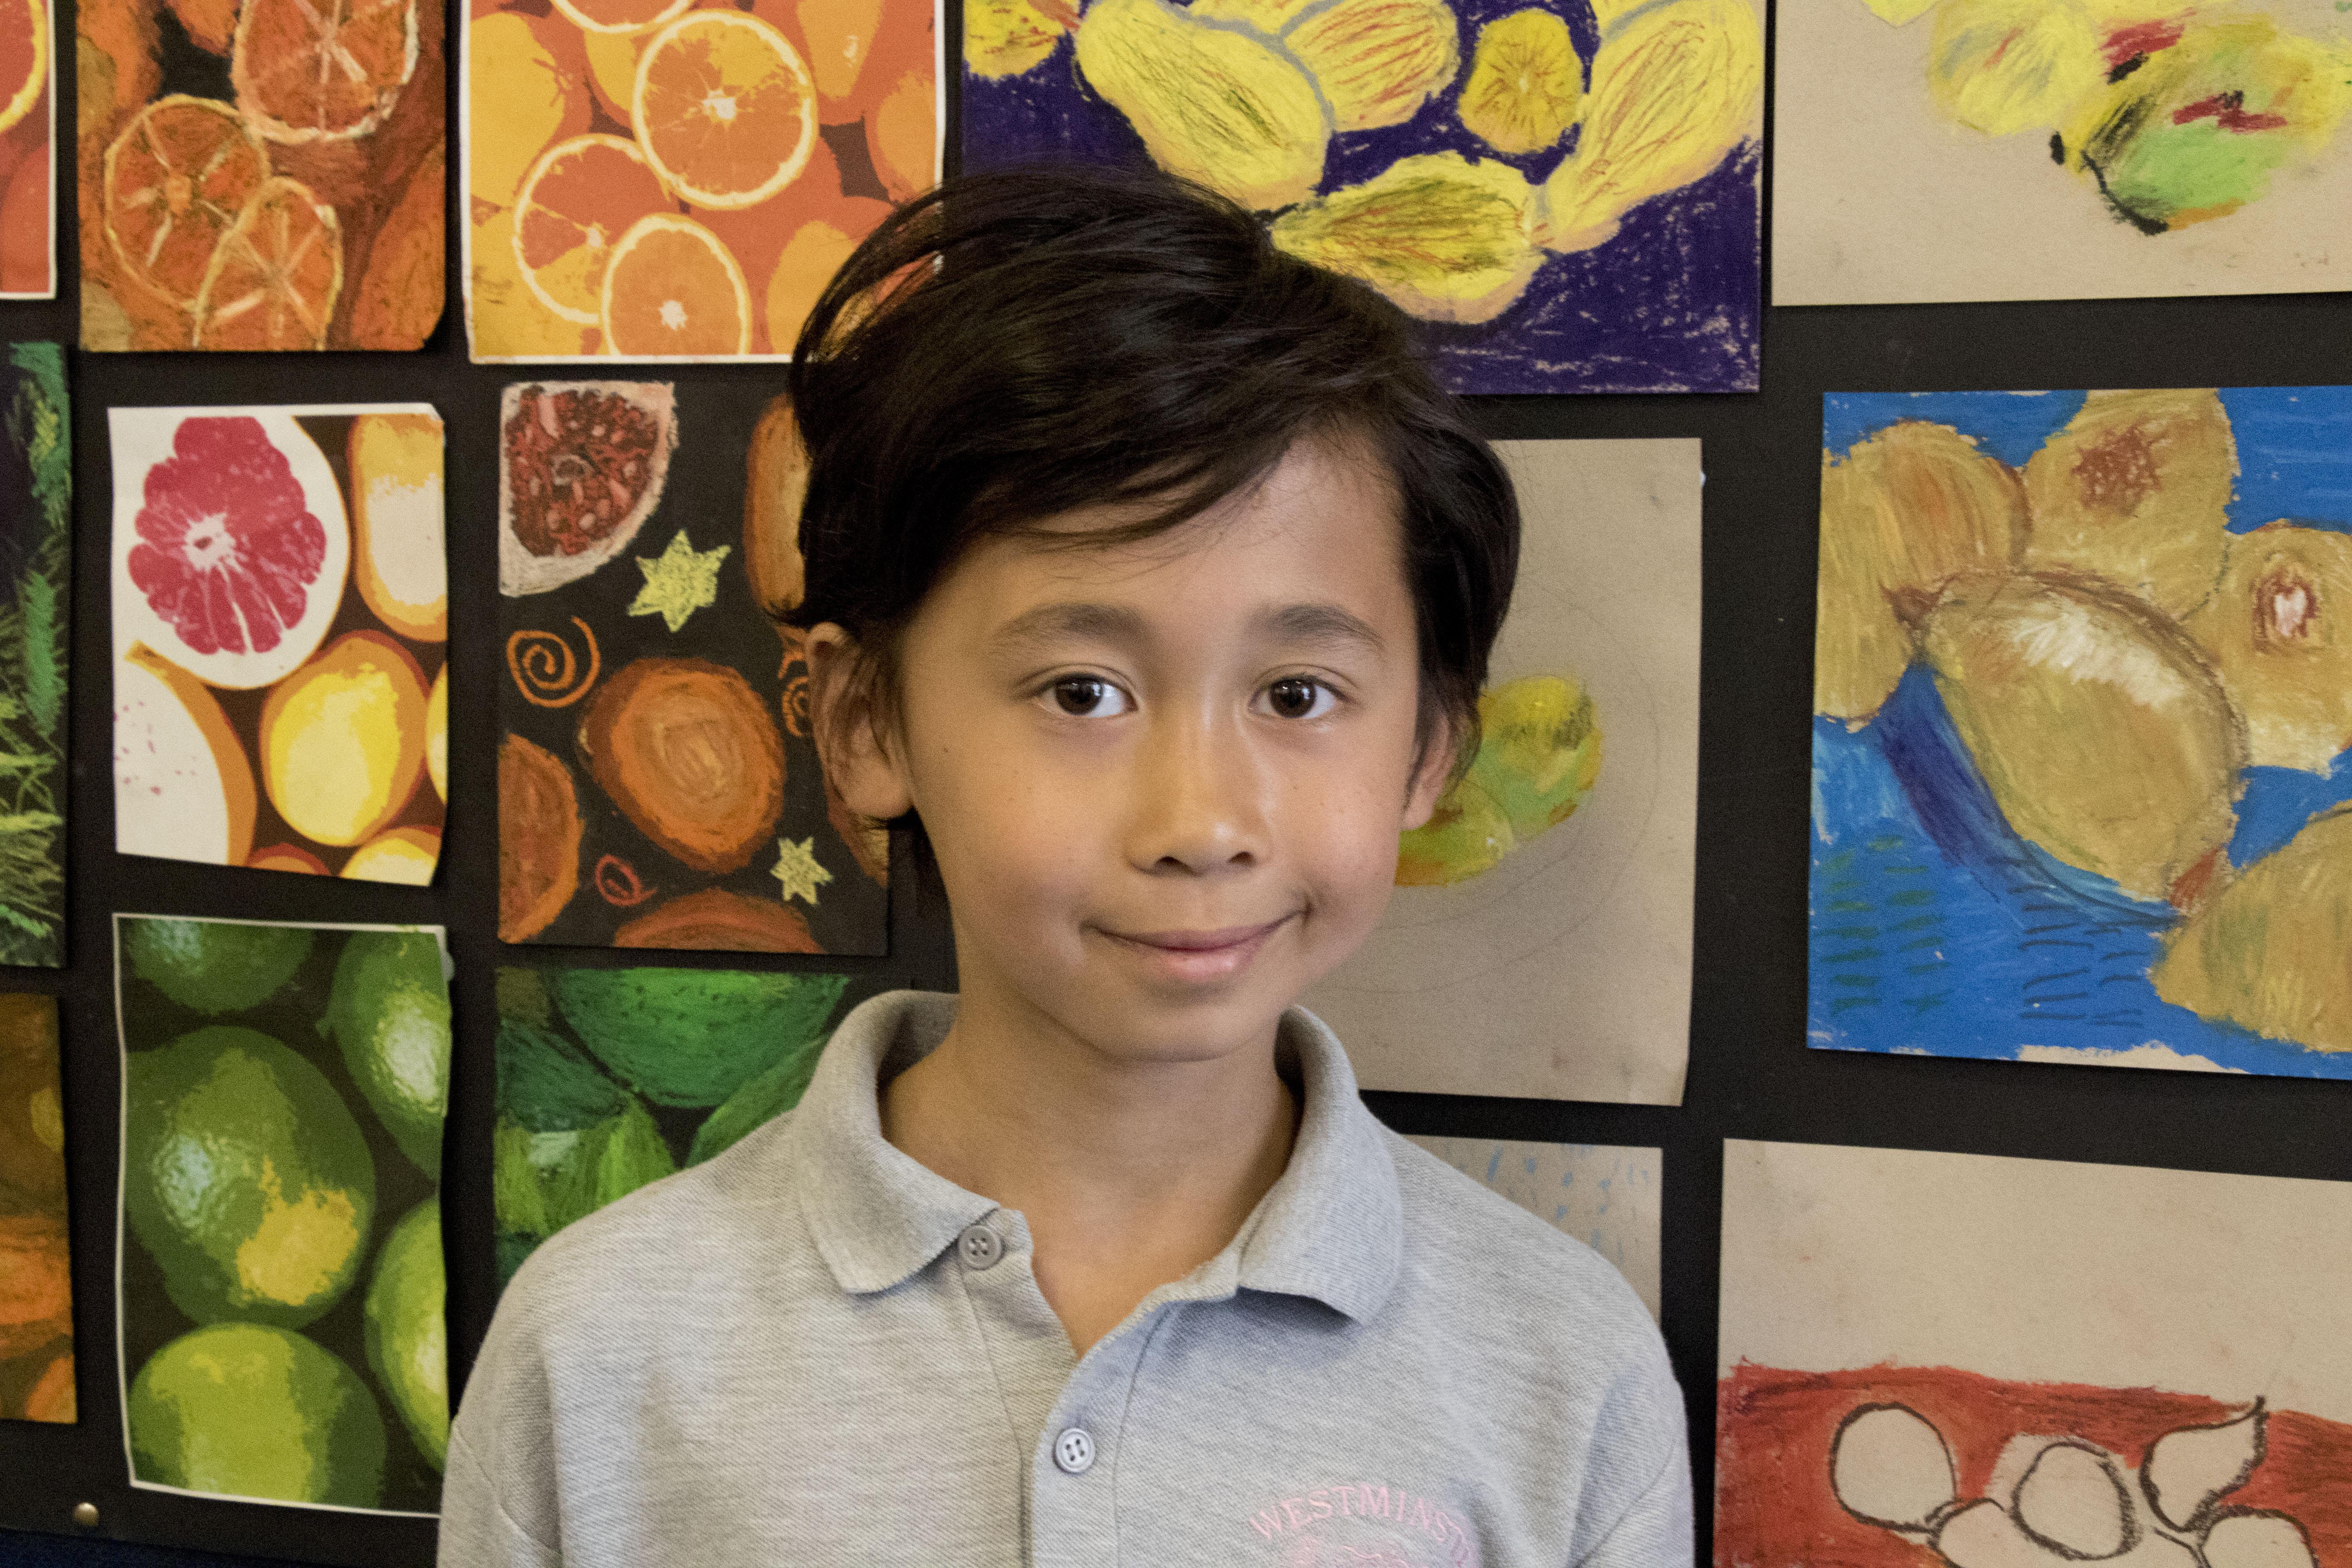 Julian, Aged 10